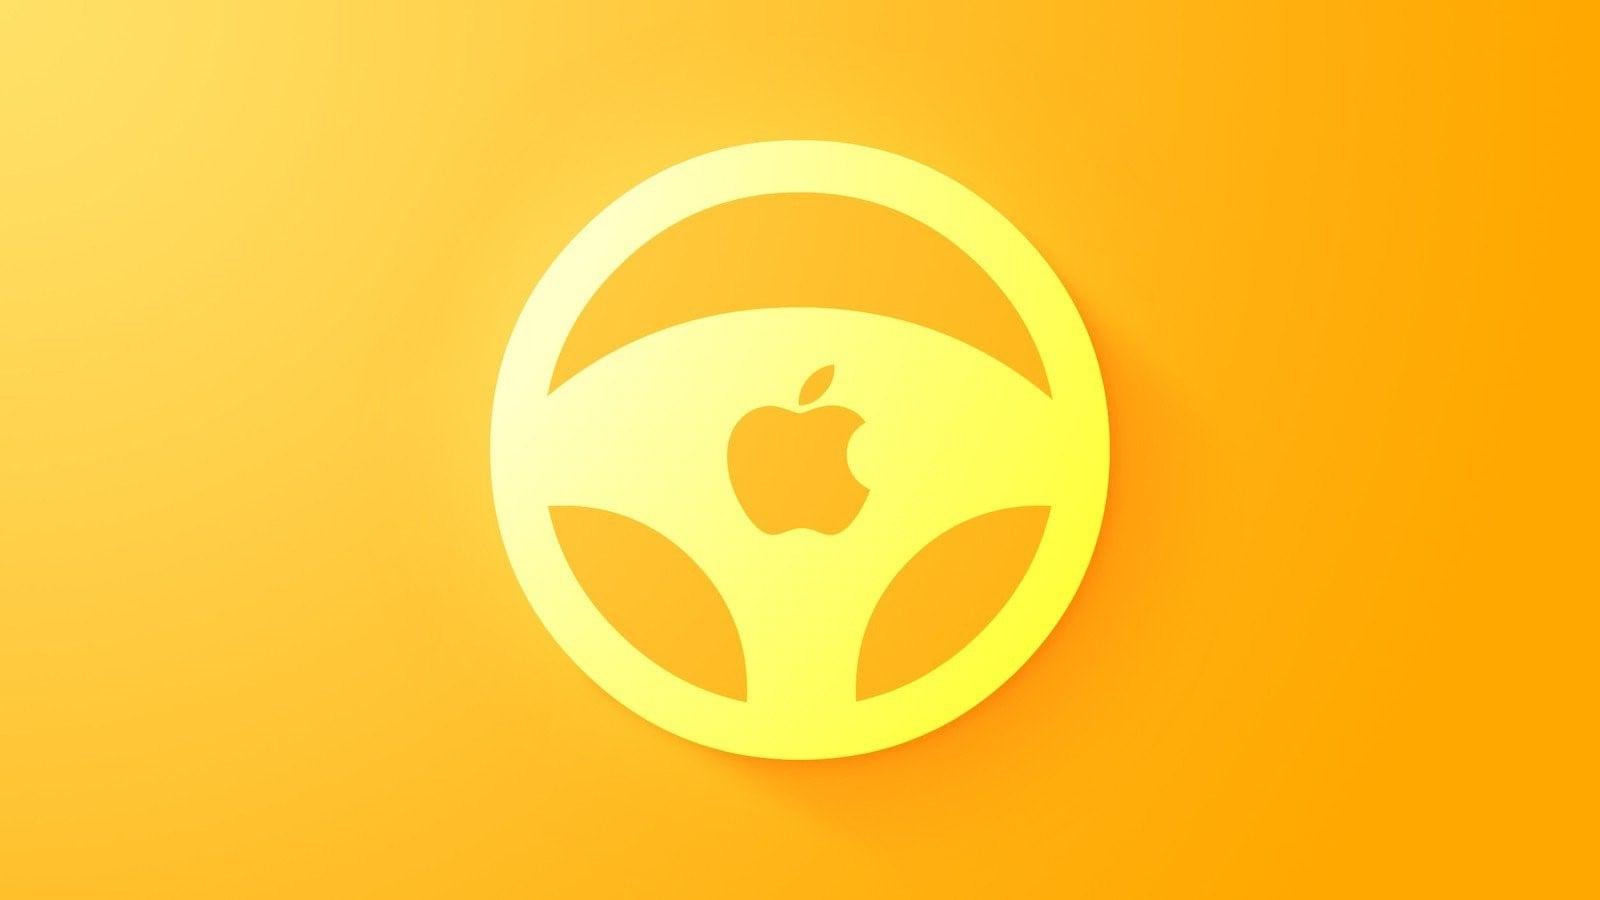 براساس گزارش ها، اپل ممکن است برای تولید خودرو خود با تویوتا همکاری کند - چیکاو